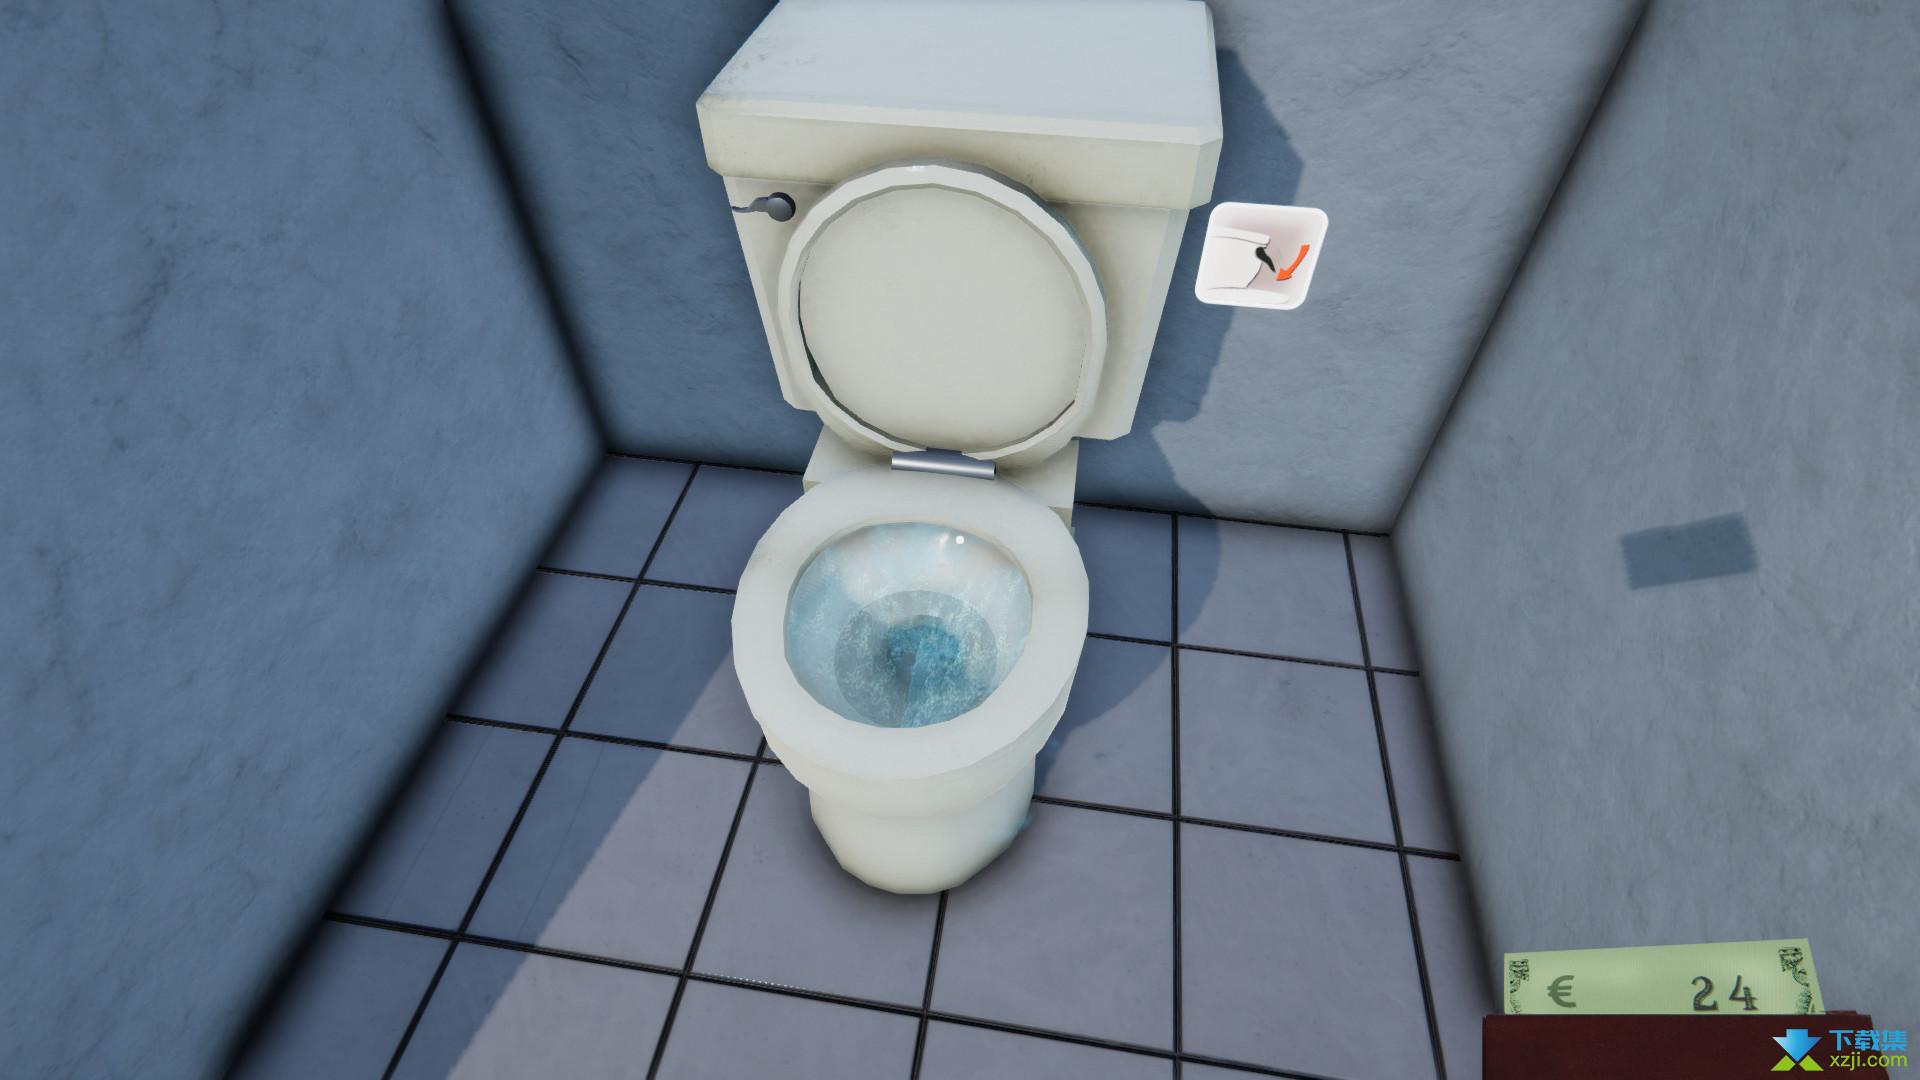 厕所管理模拟器界面3